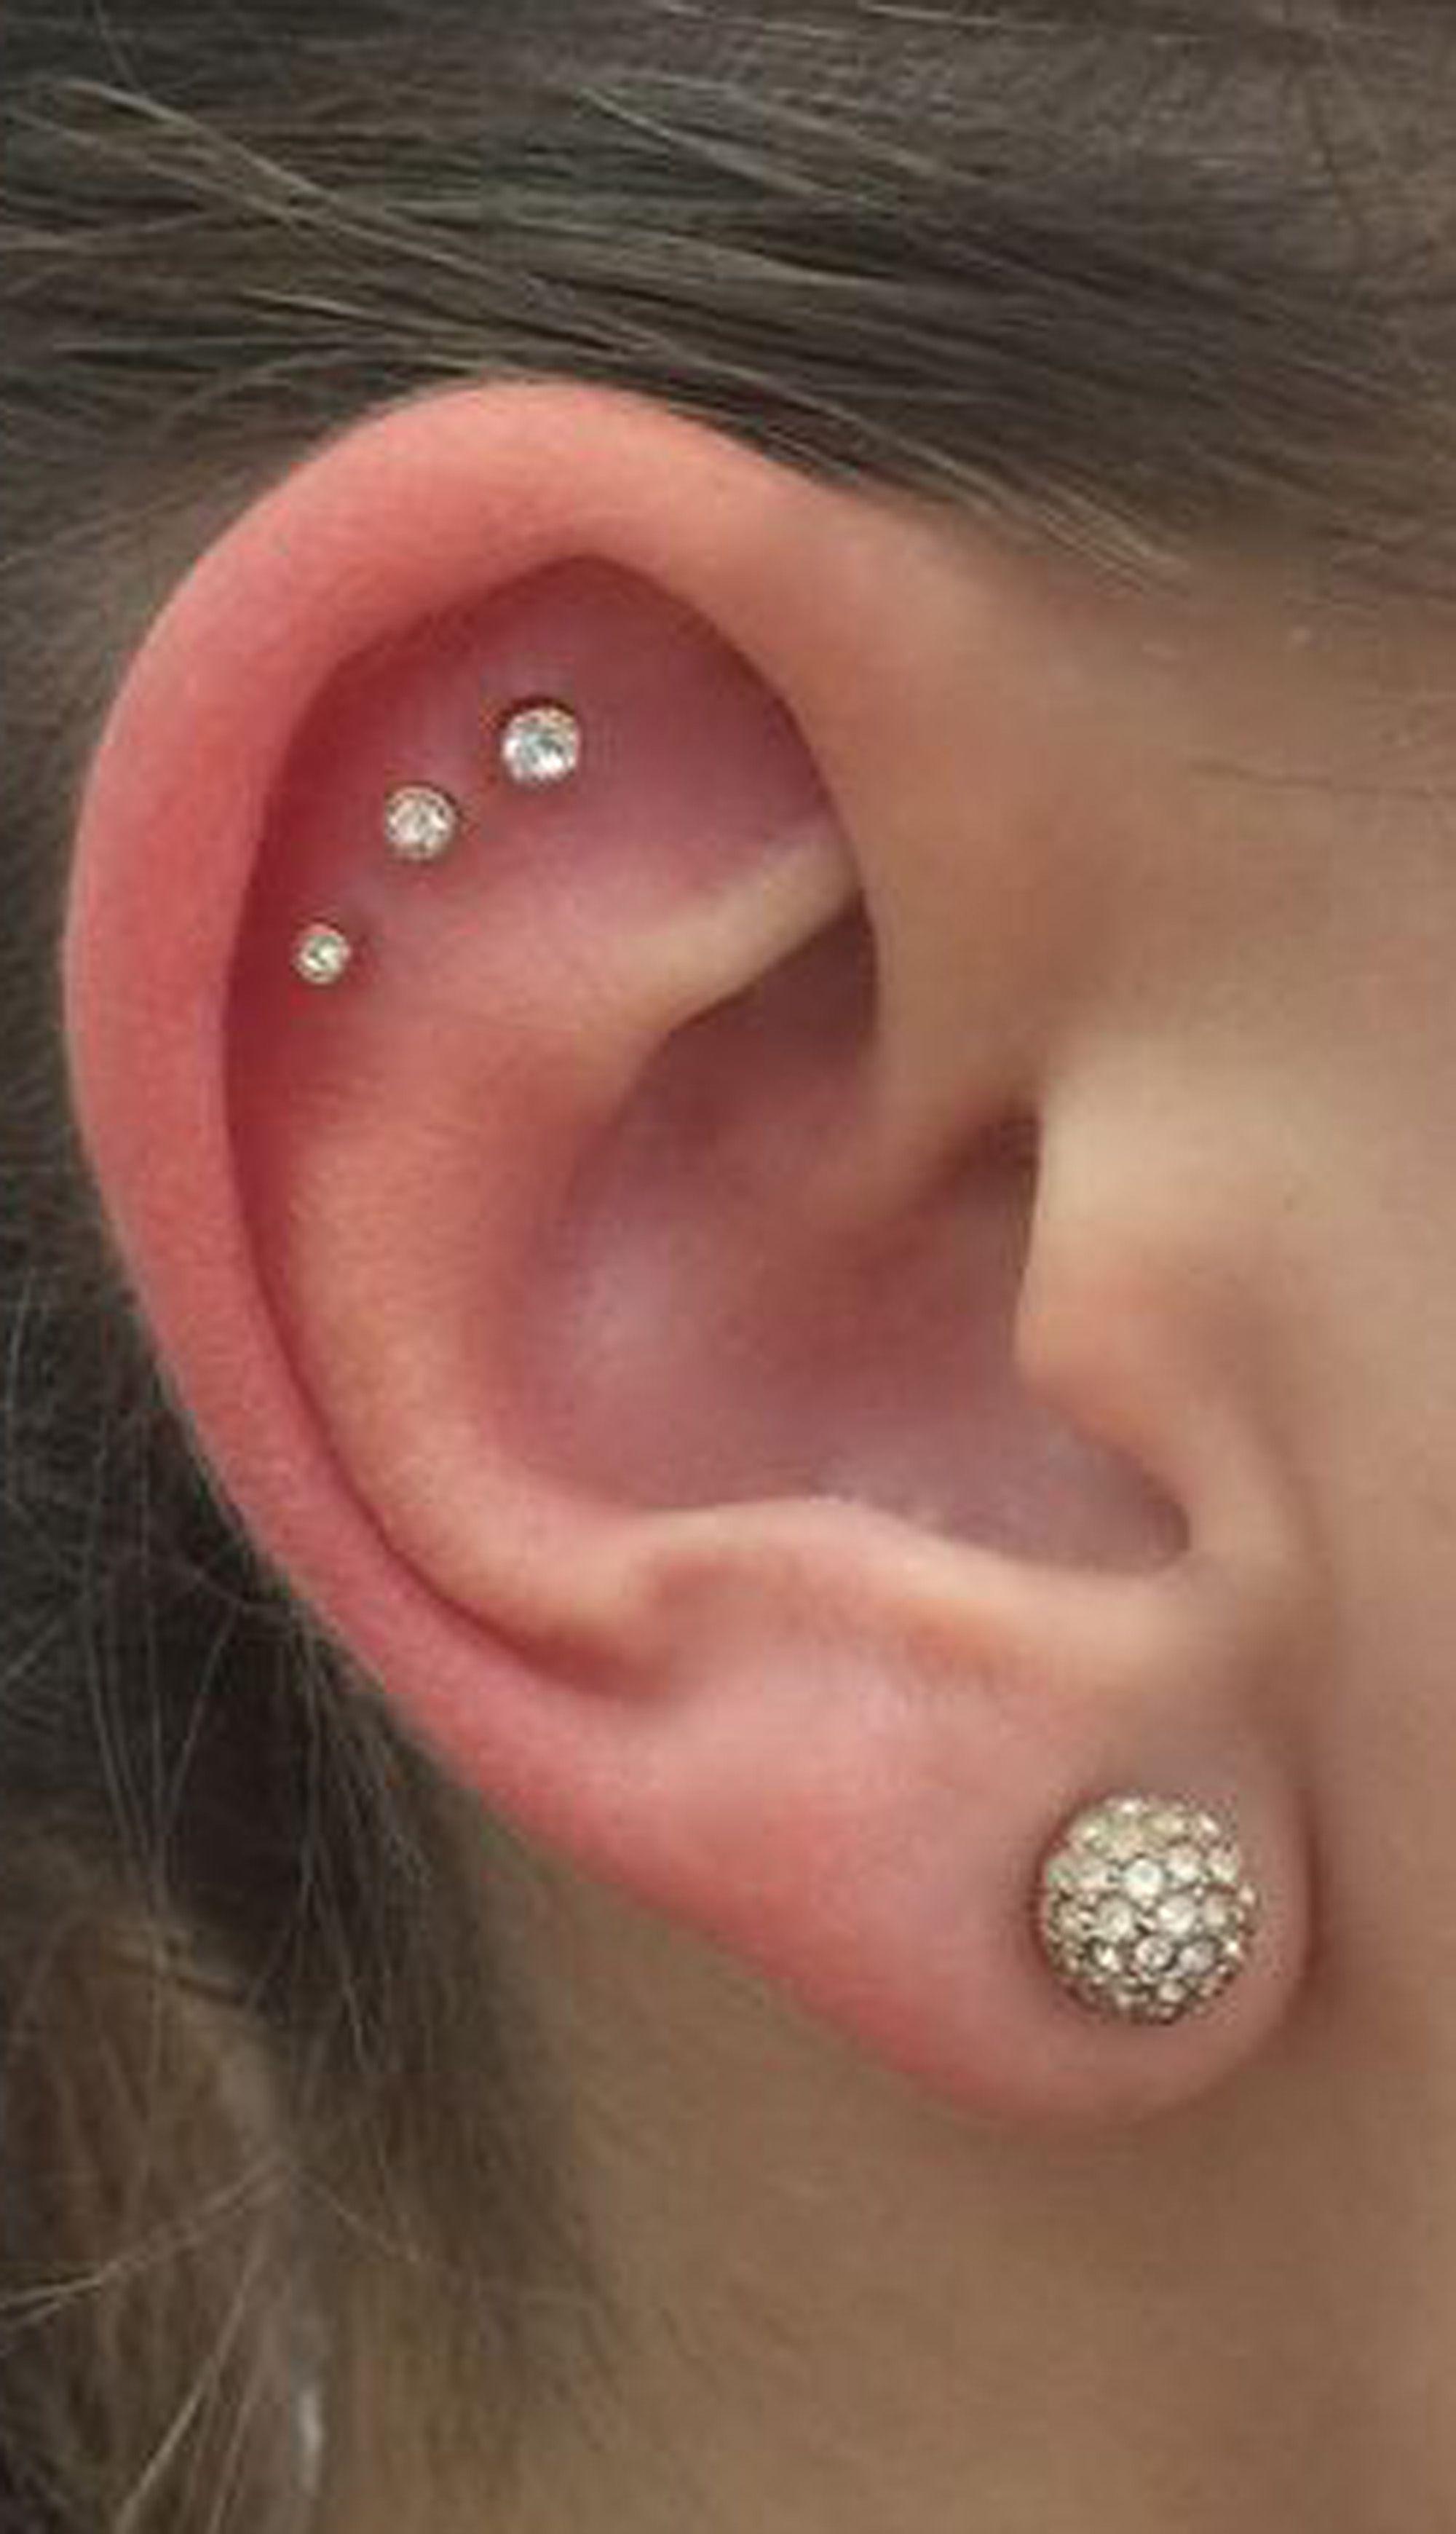 b5b8133a3 cute triple crystal helix cartilage constellation ear piercing ideas alva  Flat Piercing, Ear Piercings Helix